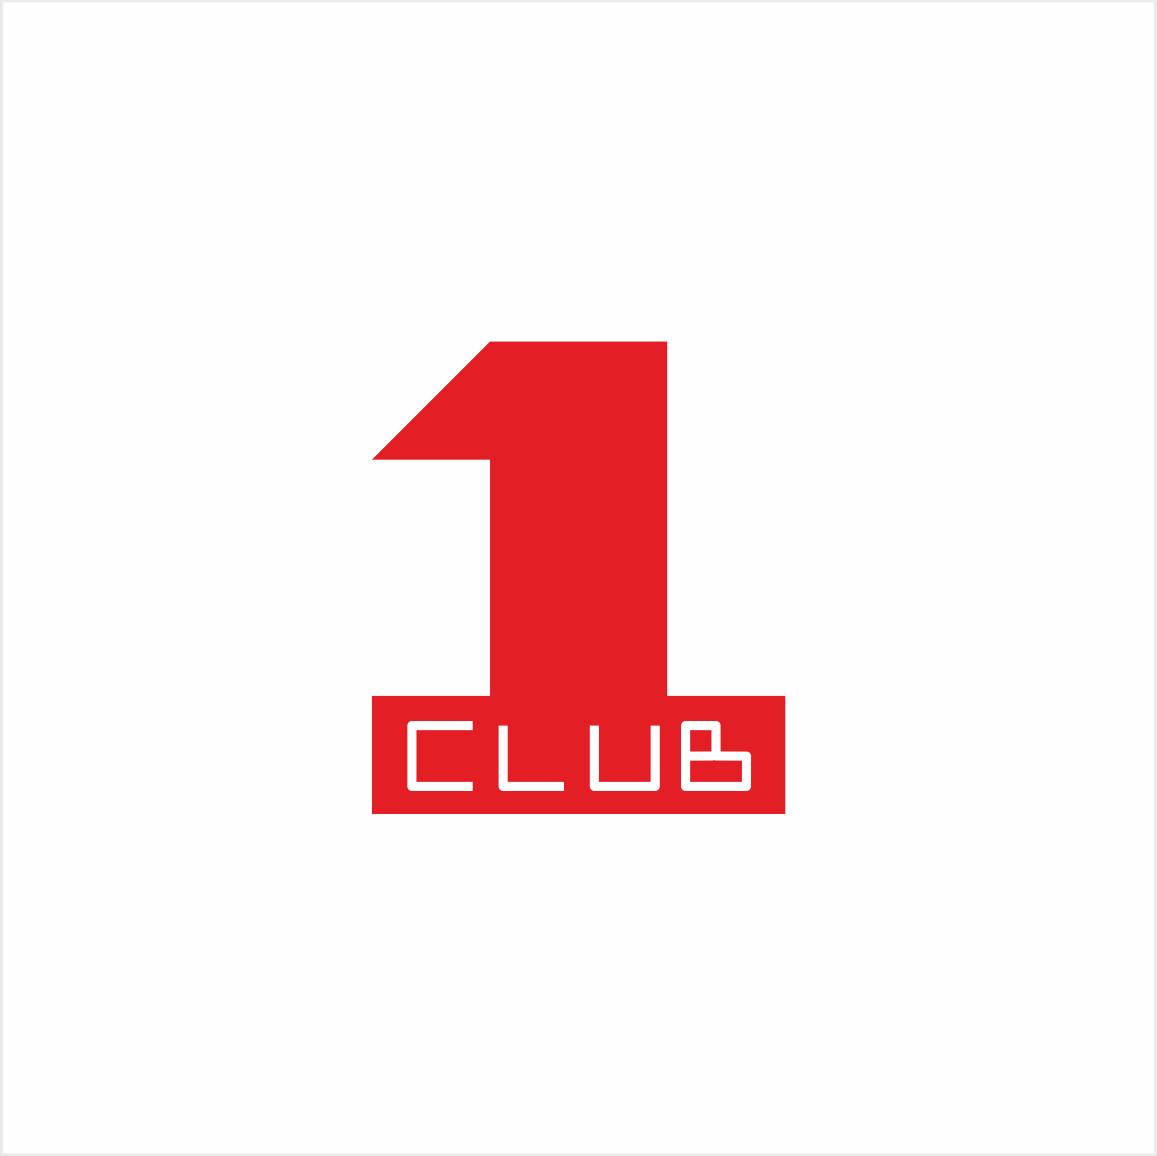 Логотип делового клуба фото f_7135f84252fc065c.png